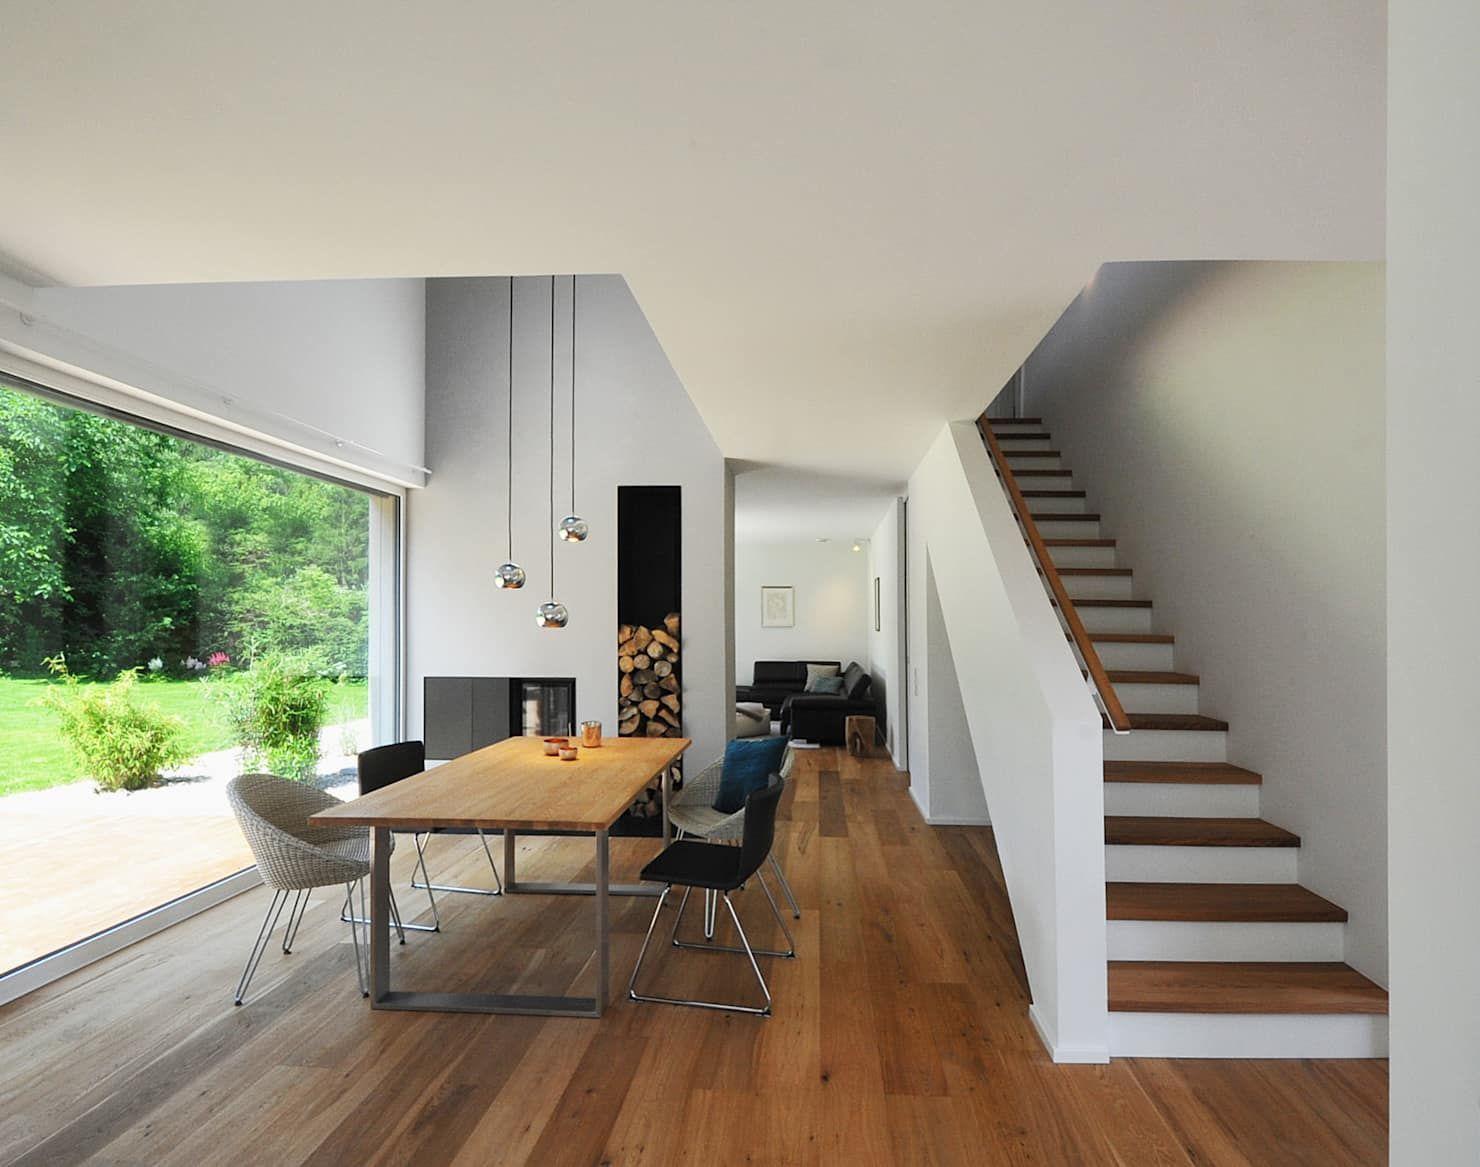 Esszimmer mit galerie moderne esszimmer von grimm architekten bda modern #diningroom